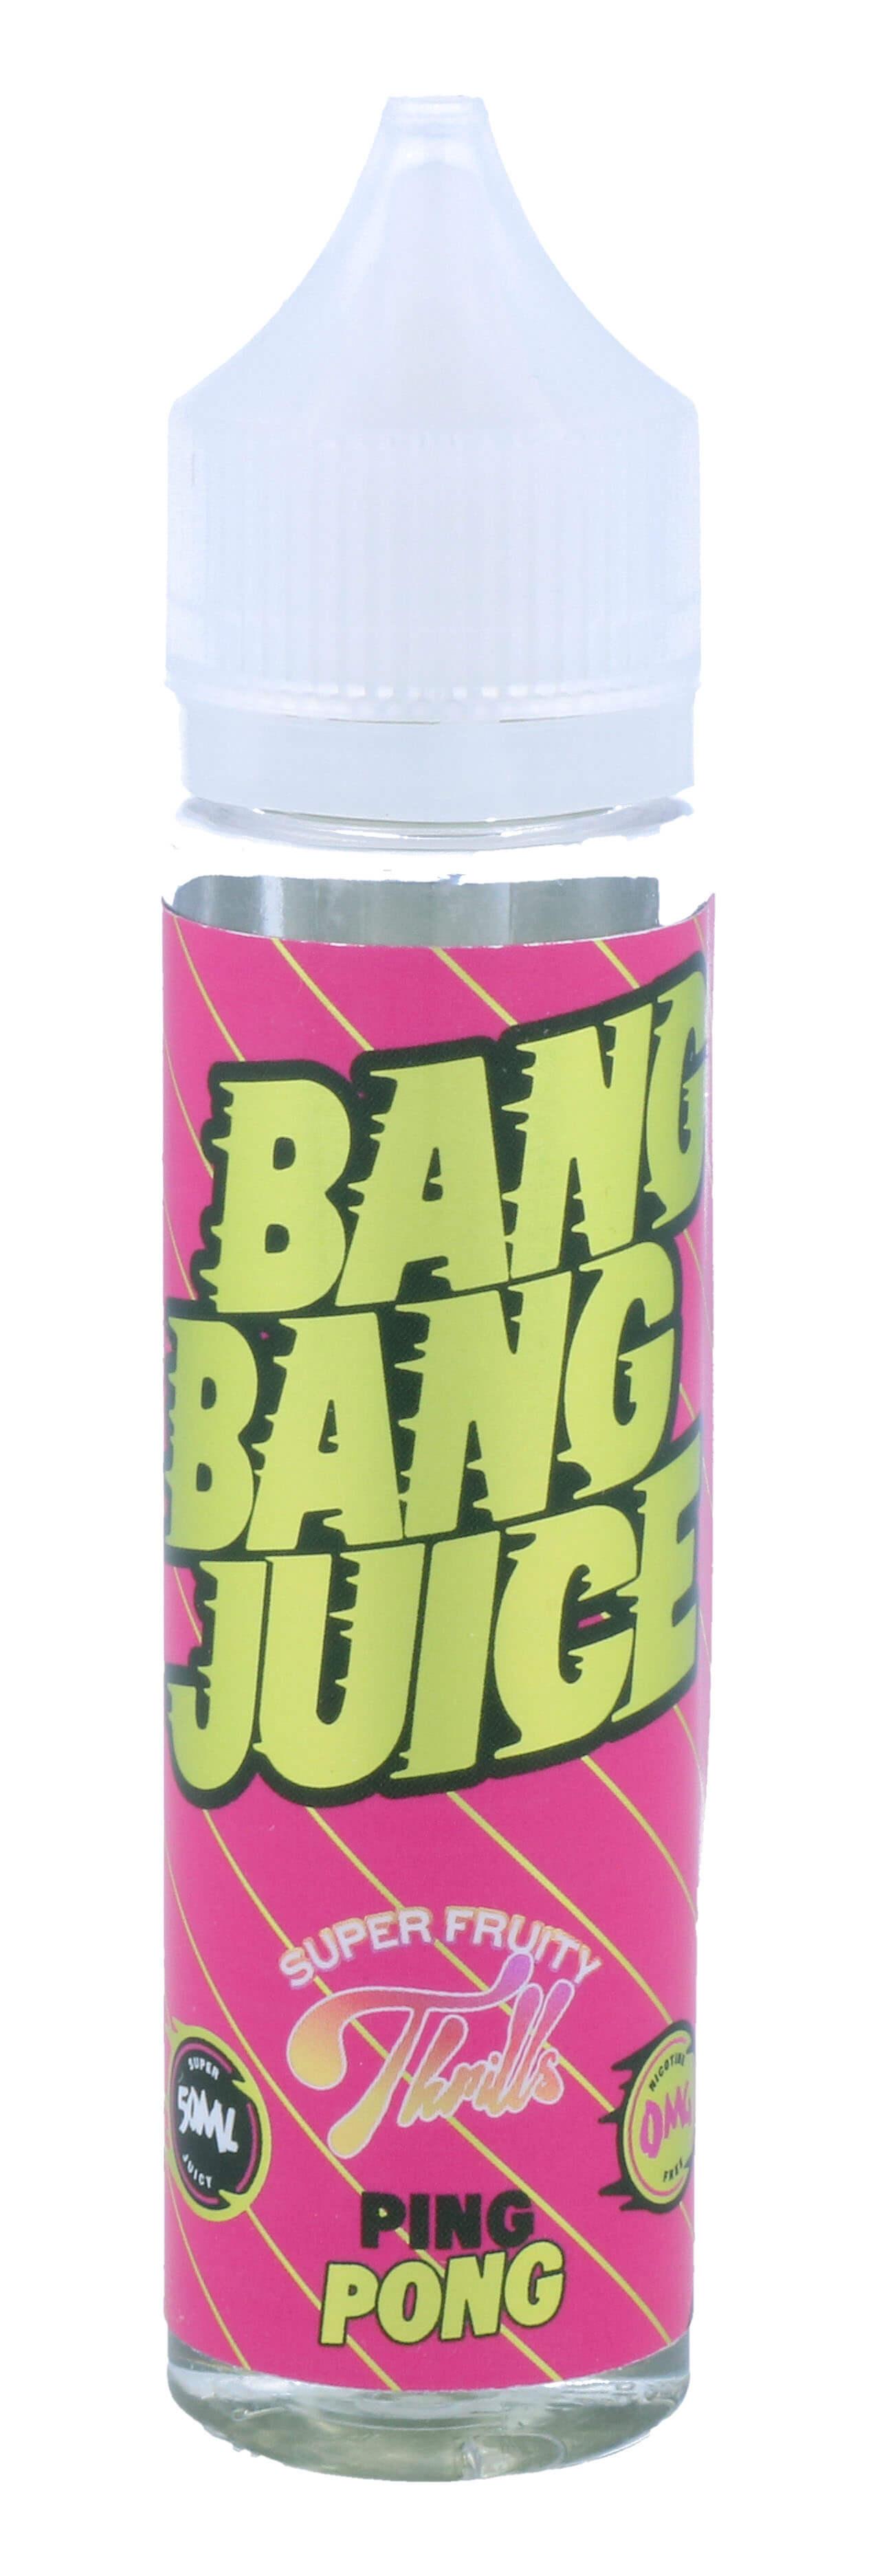 Bang Bang Juice - Ping Pong - 50ml - 0mg/ml